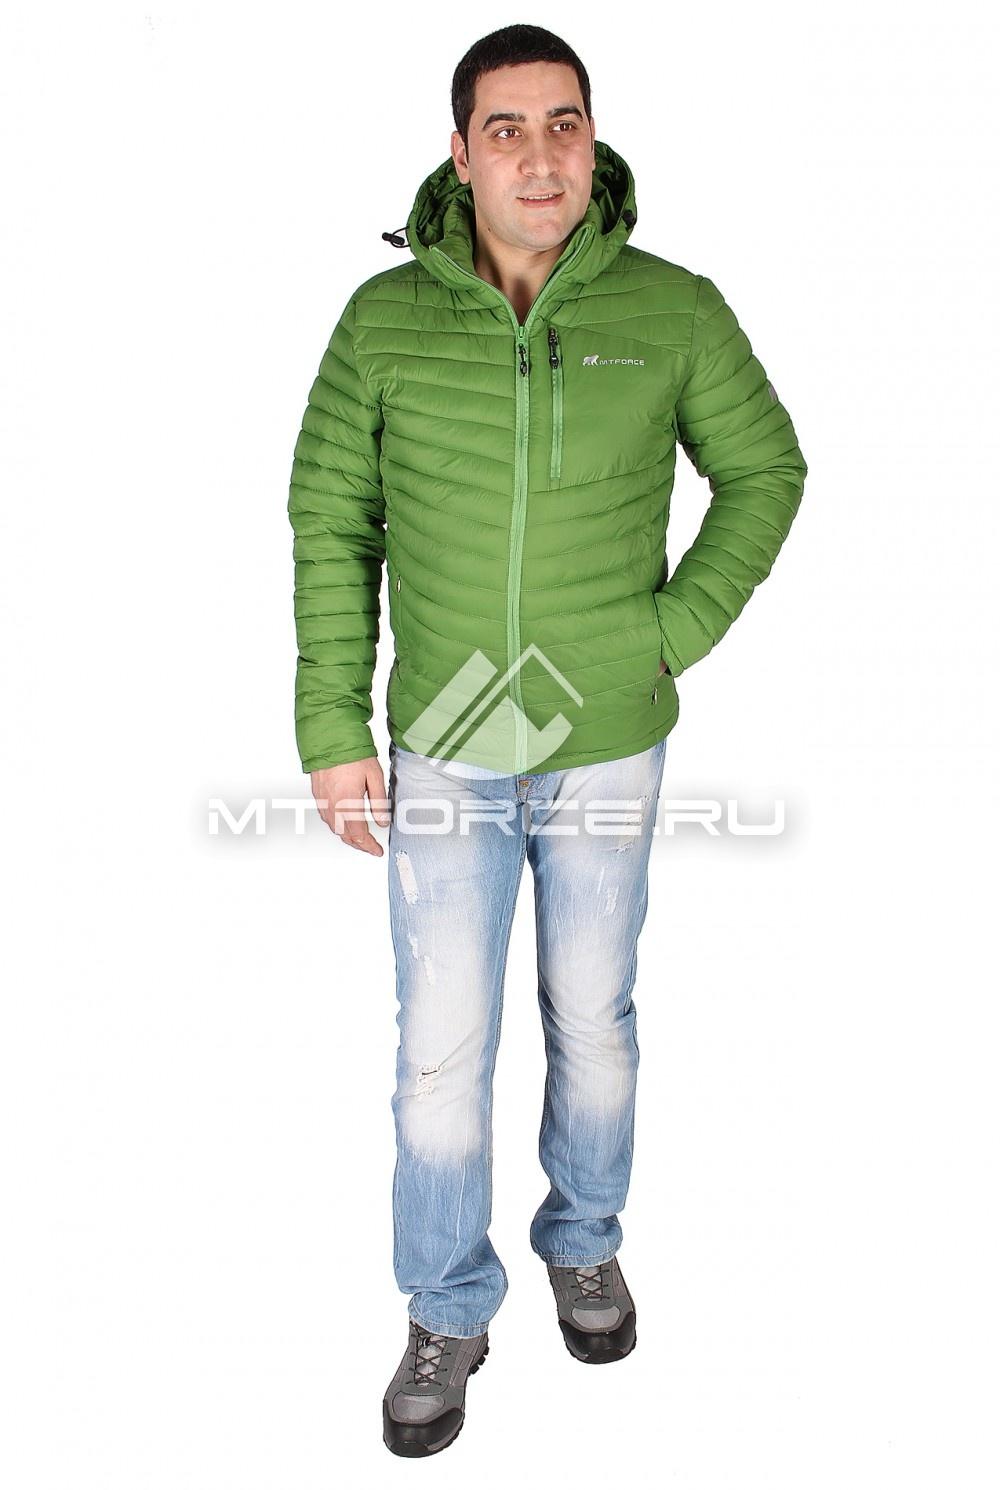 Купить                                  оптом Куртка мужская стеганная зеленого цвета 1606Z в Новосибирске